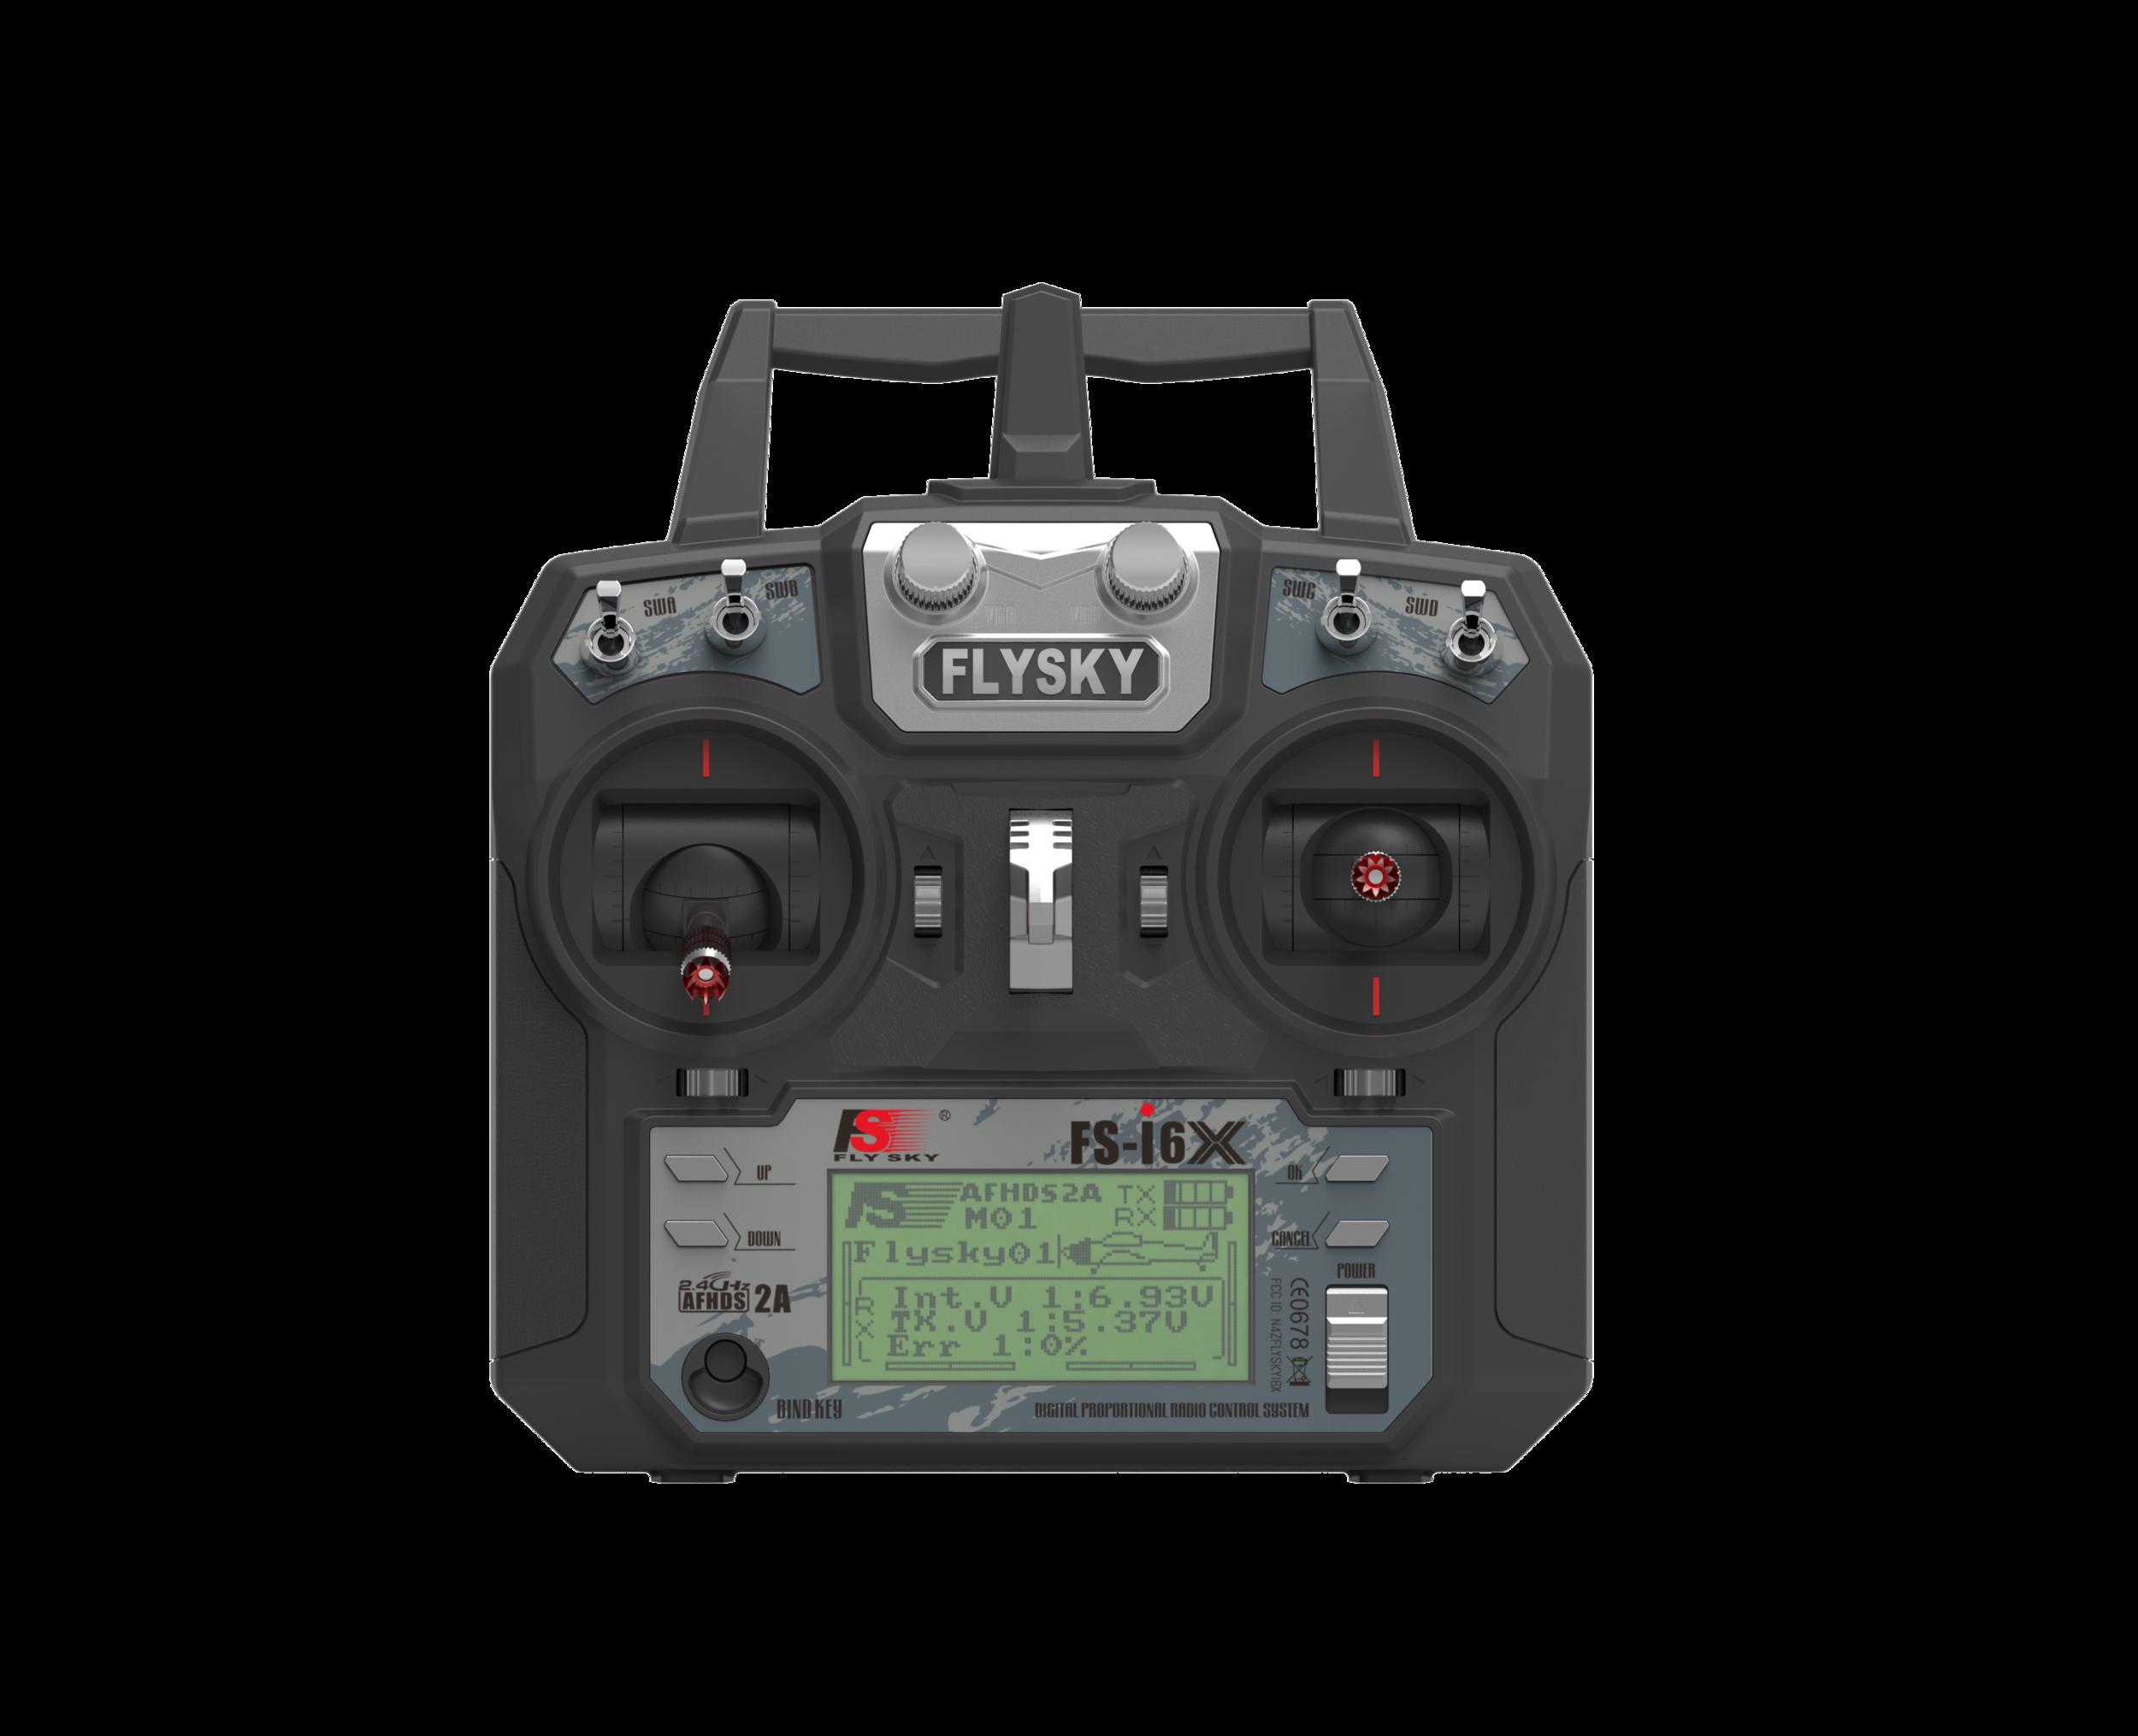 FS-I6X 20160331.450 (1) .png